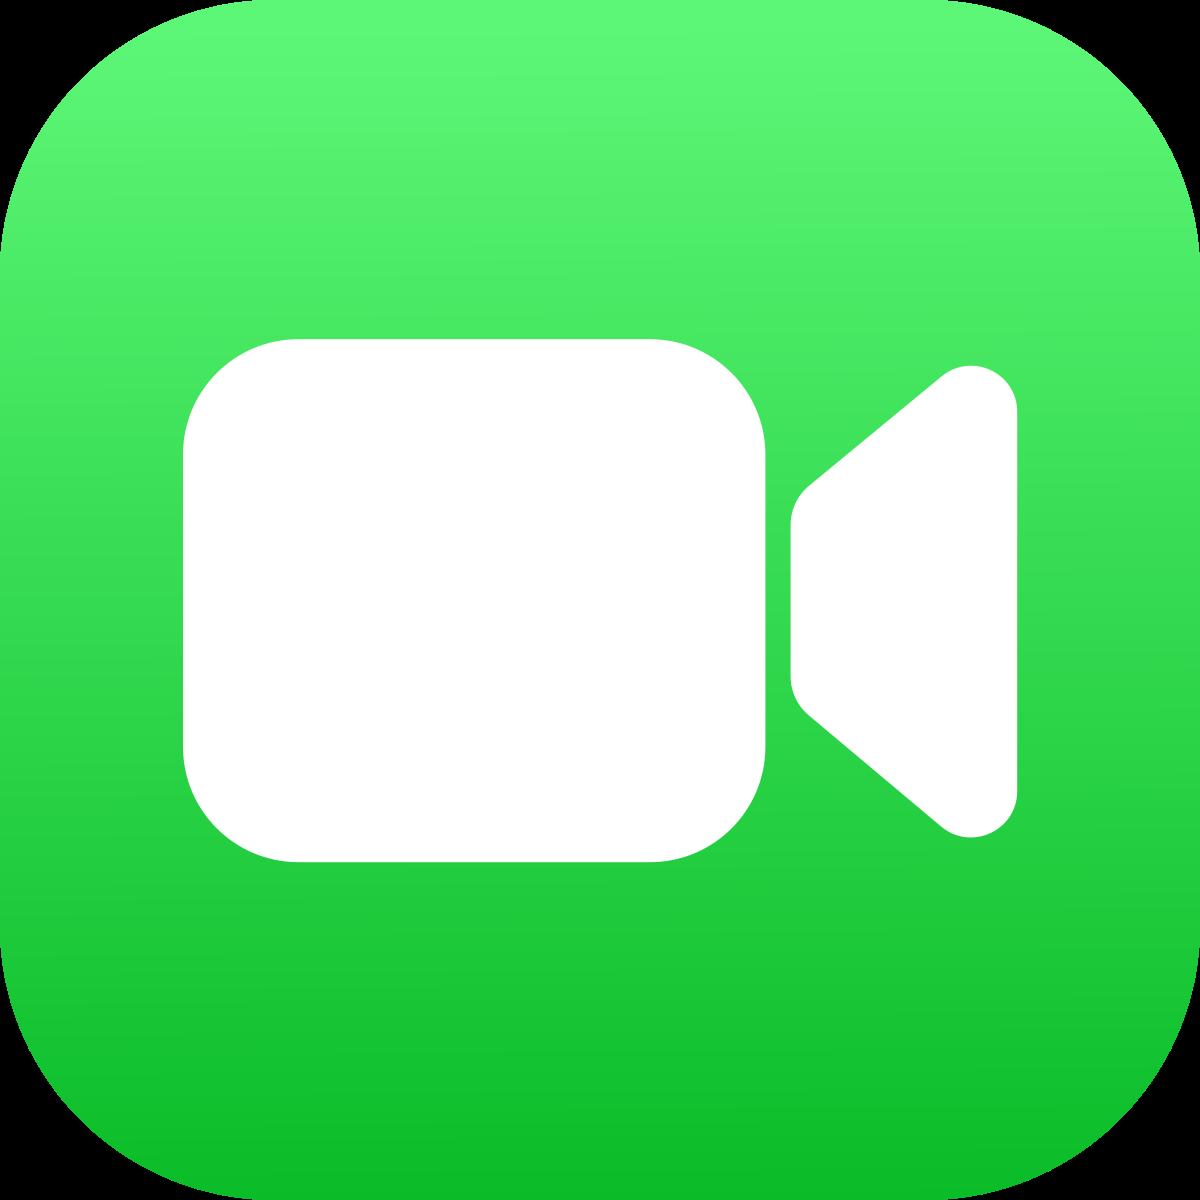 Die Videokonferenz-App von Apple ist auf das eigene System beschränkt